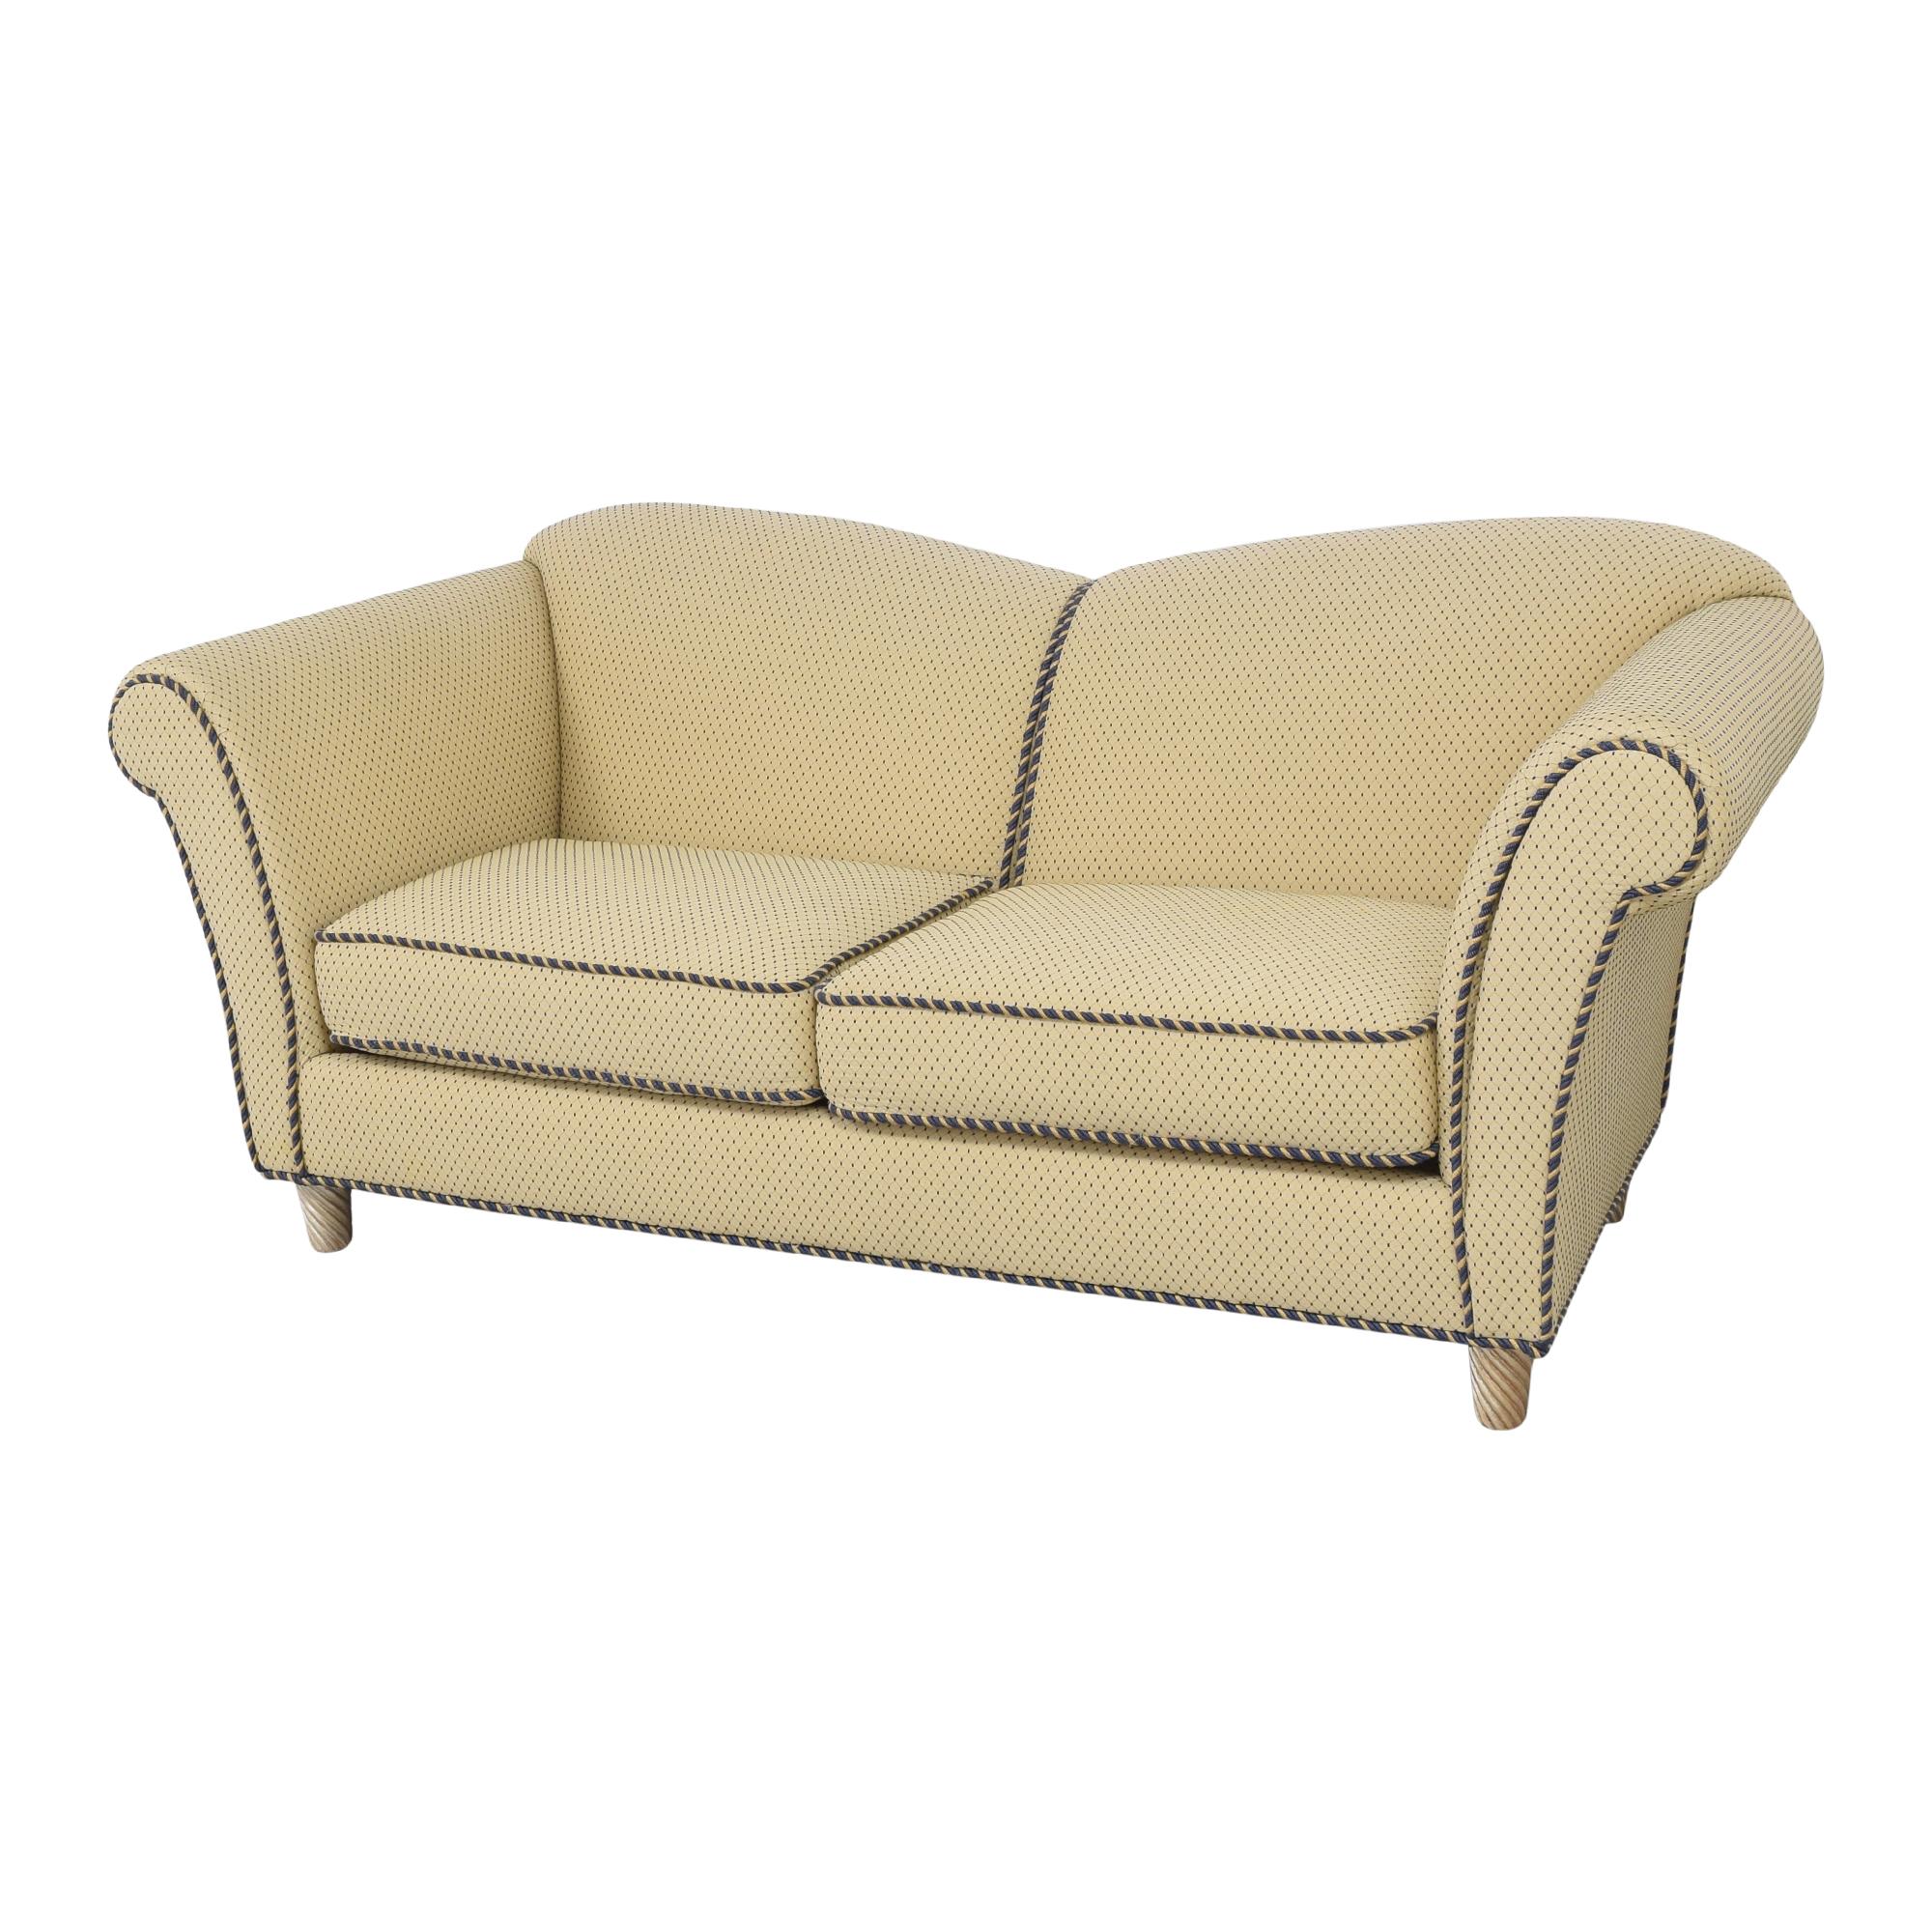 Kravet Kravet Custom Two Cushion Sofa second hand